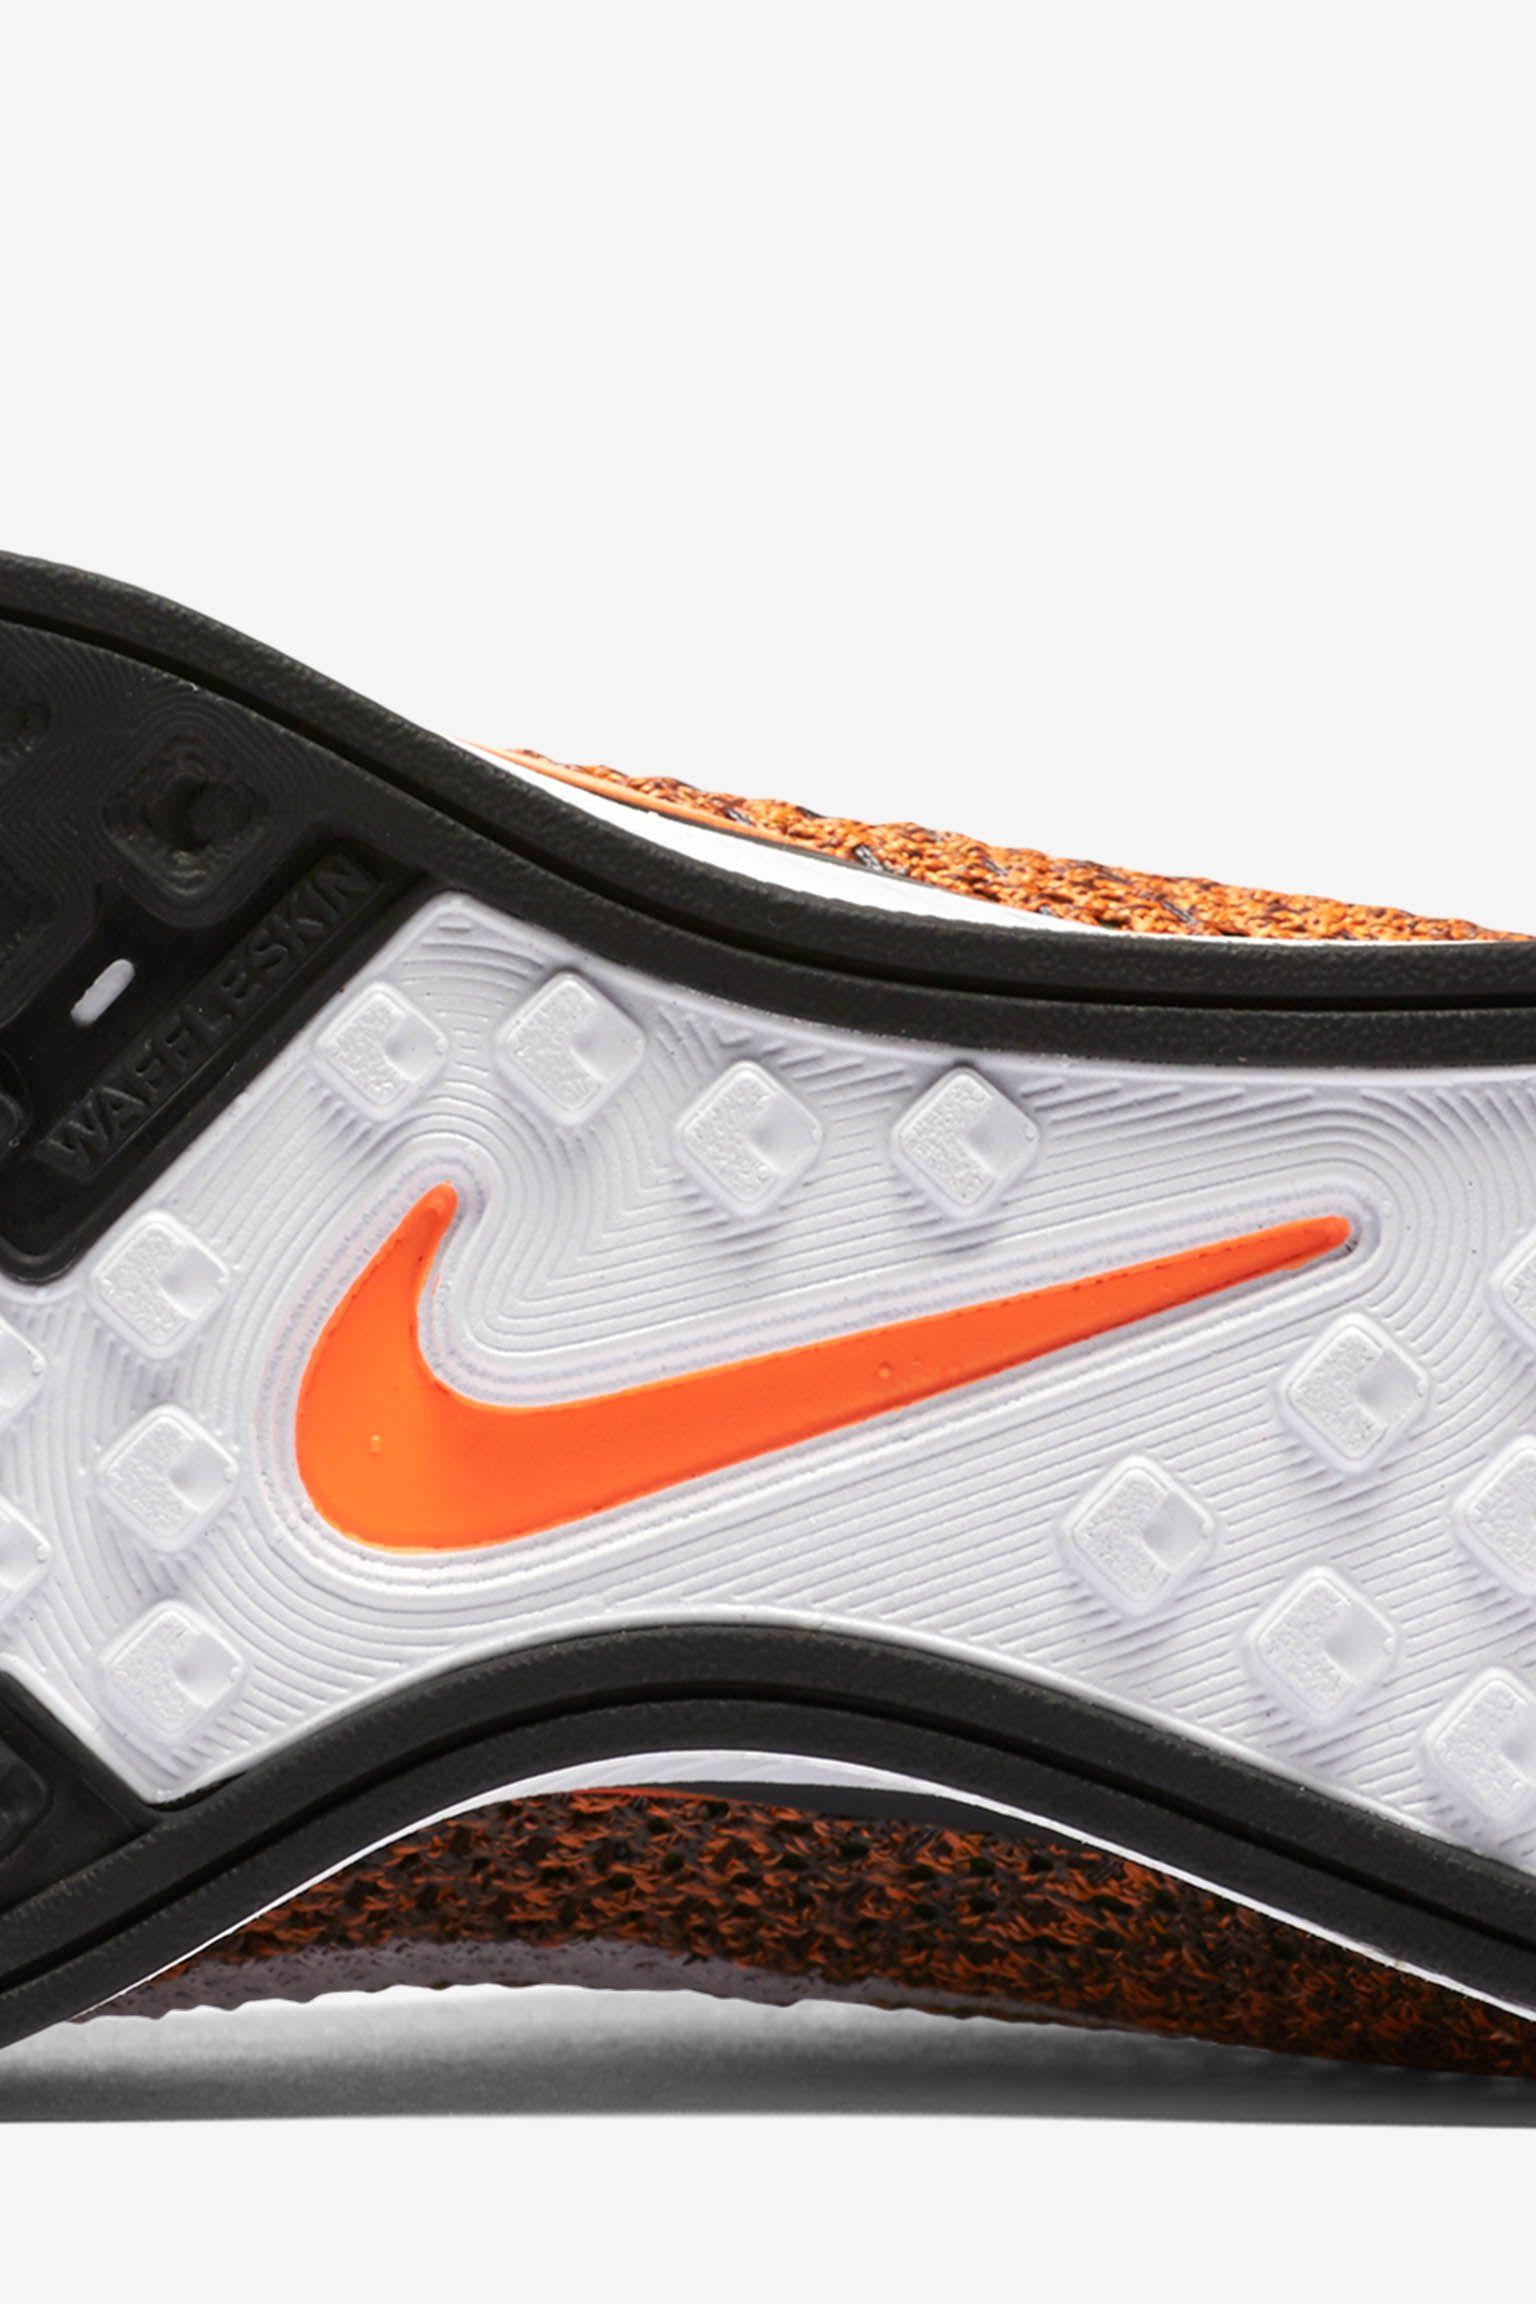 Nike Flyknit Racer 'Total Orange' Release Date